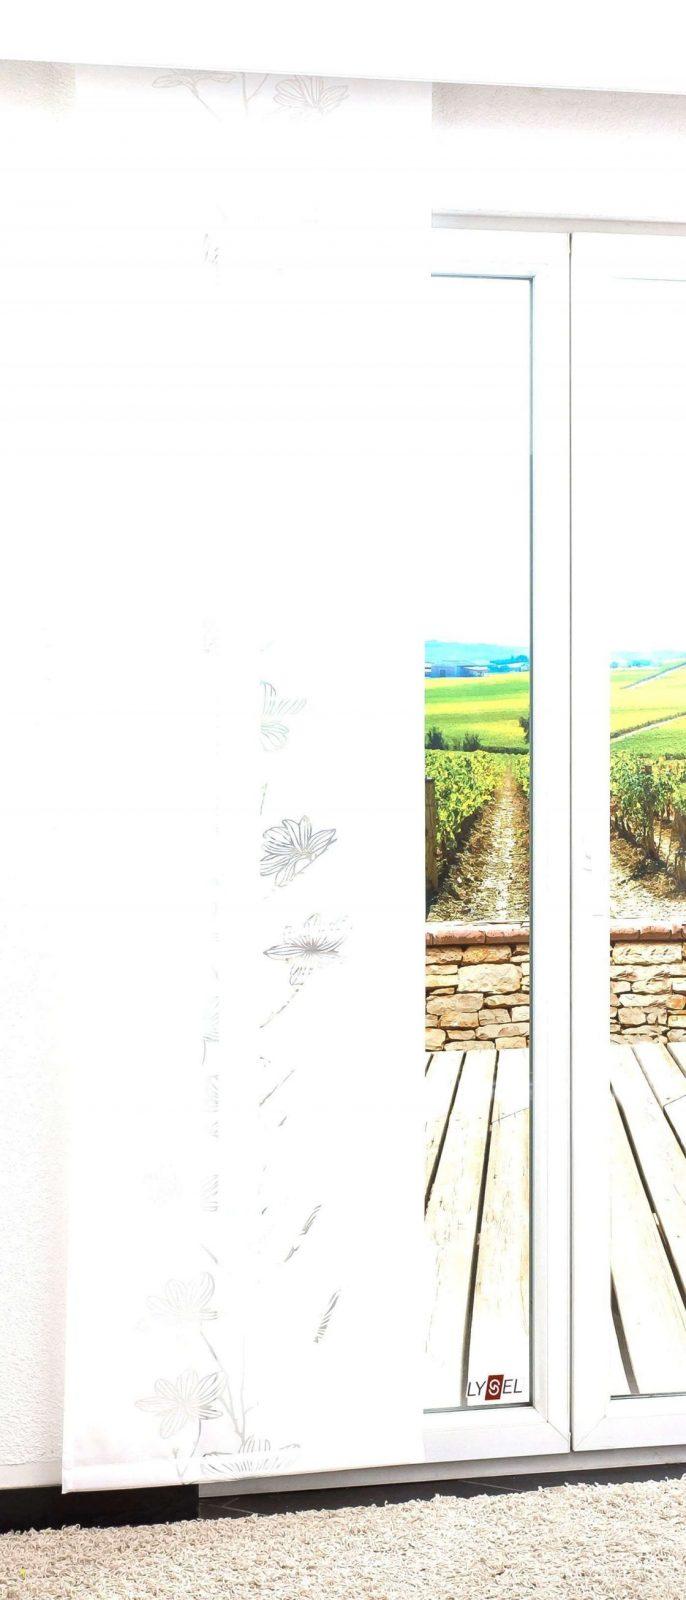 42 Das Beste Von Sichtschutz Selber Bauen Stoff Pic  Komplette von Paravent Selber Bauen Stoff Bild